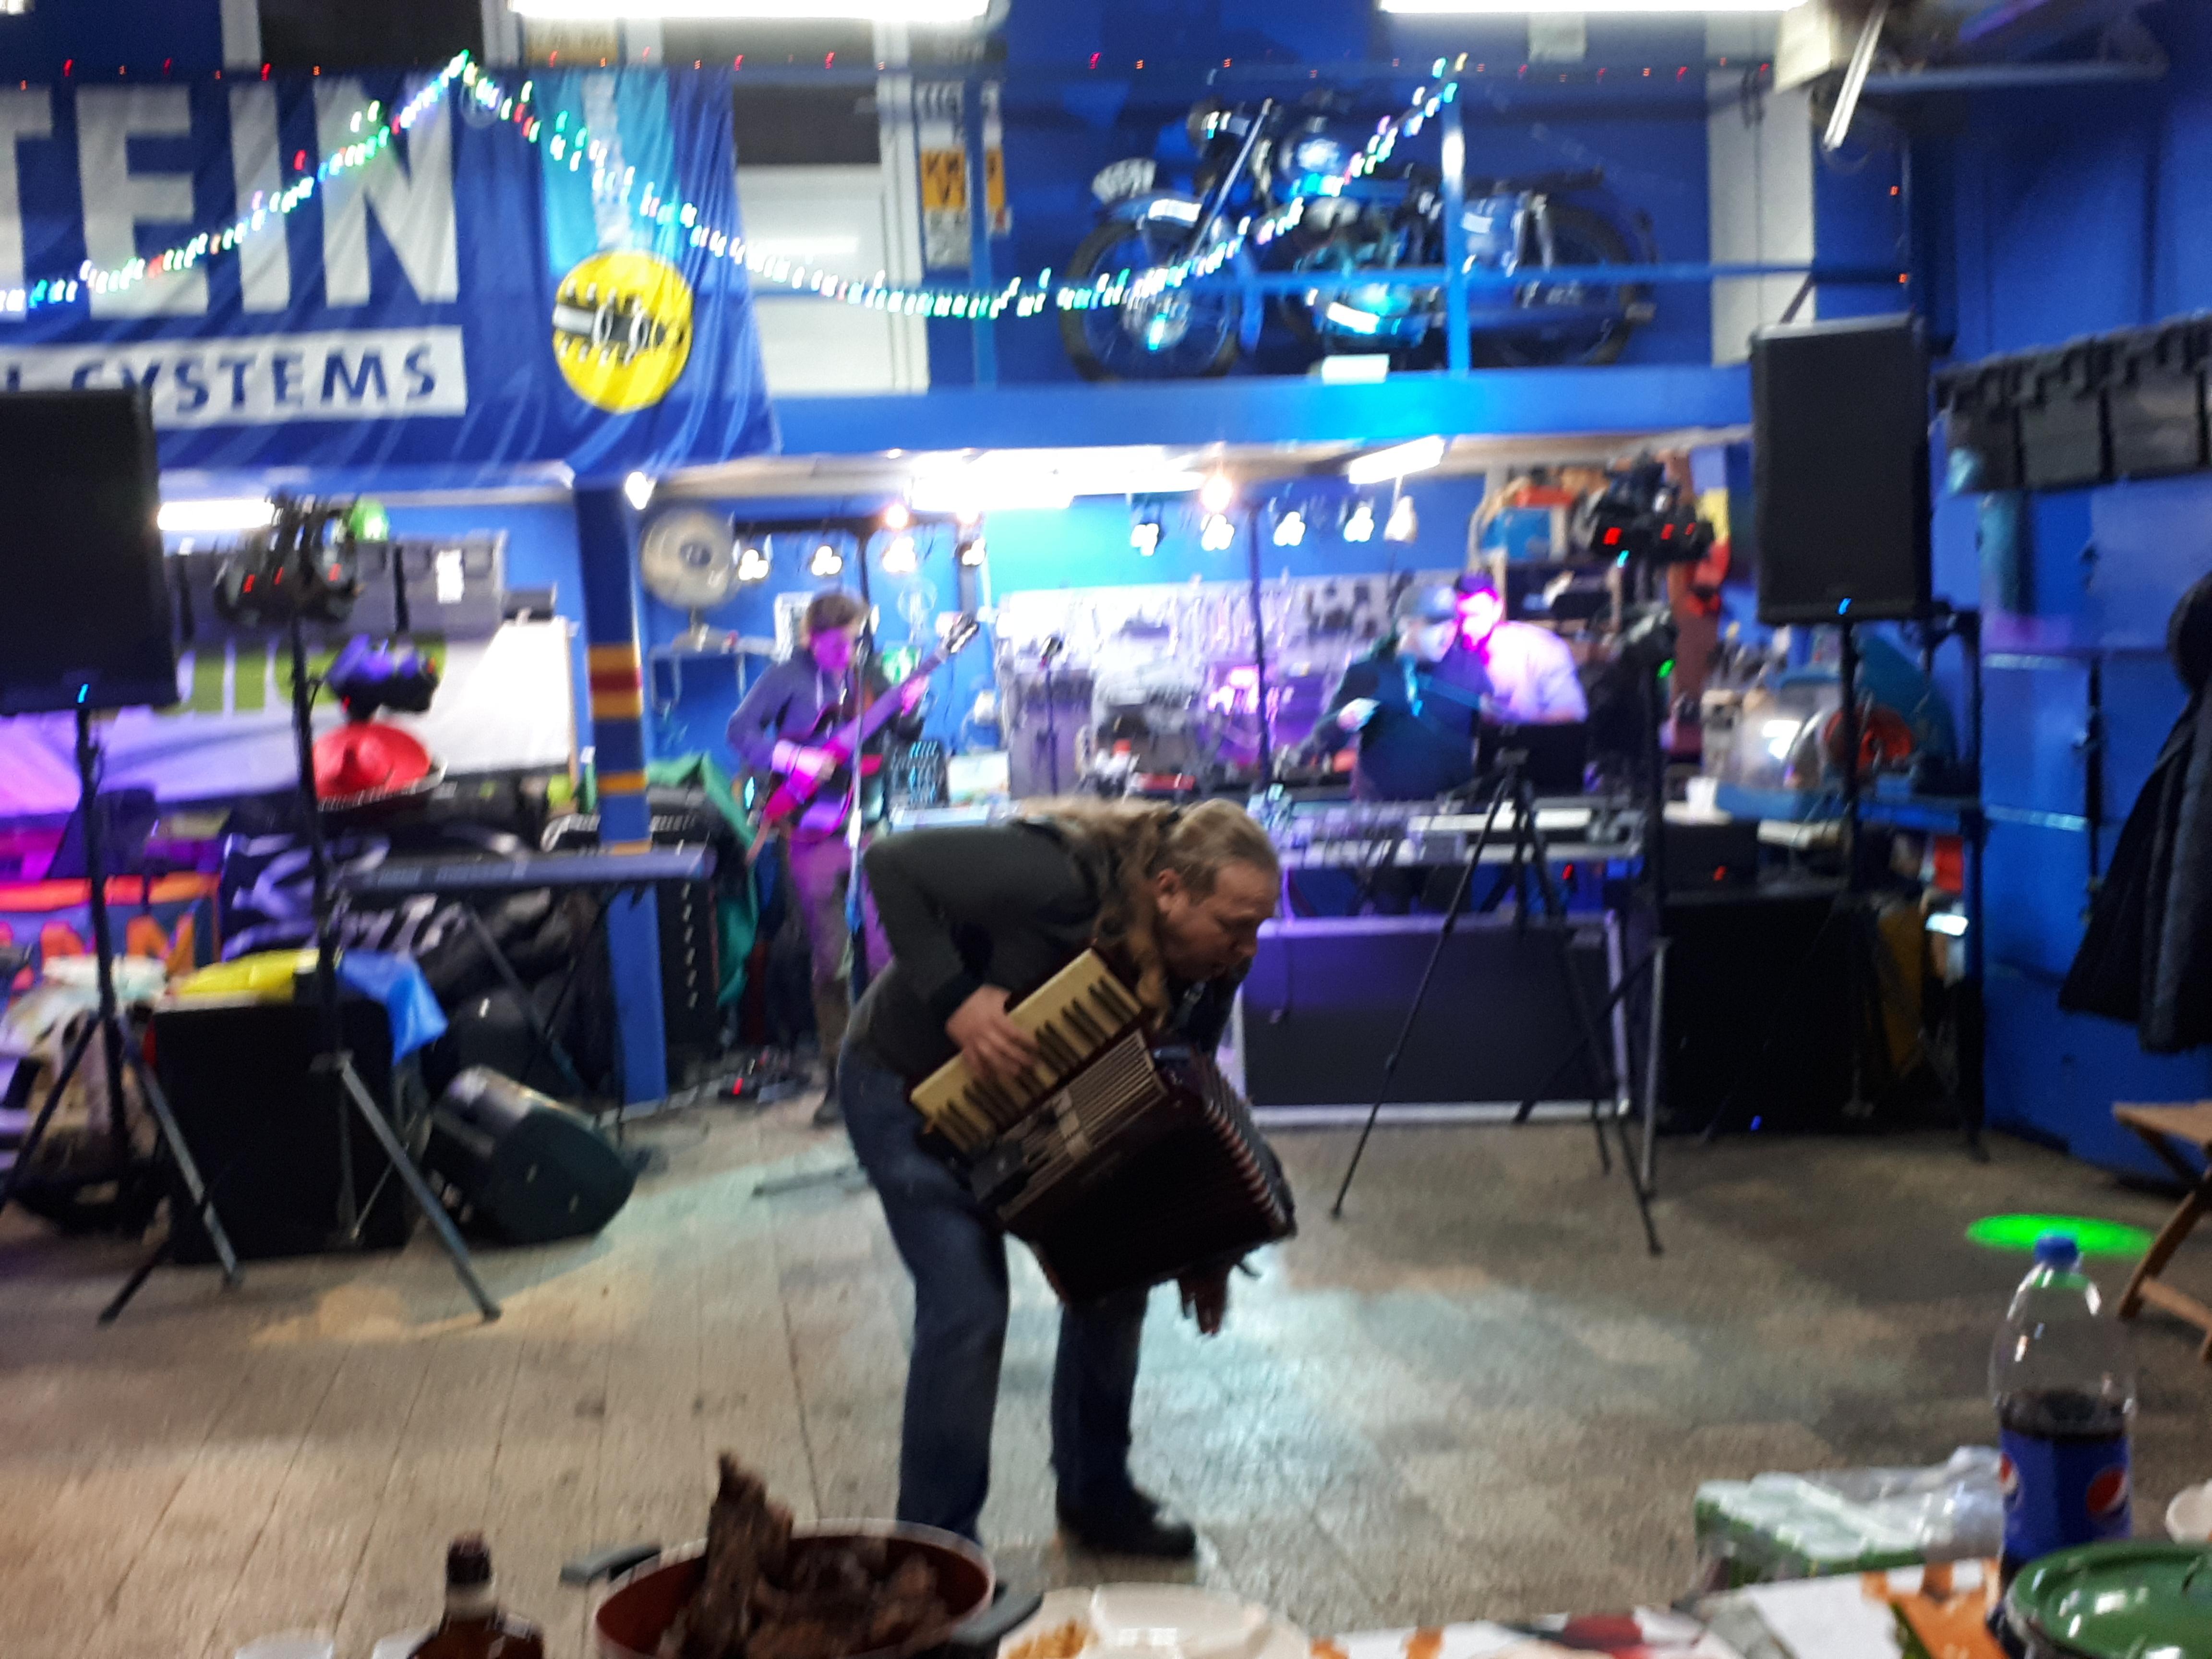 Vali Crăciunescu, SIR Blues Vali Răcilă și Dan Blueman au cântat aseară într-un service auto, printre motociclete recondiționate